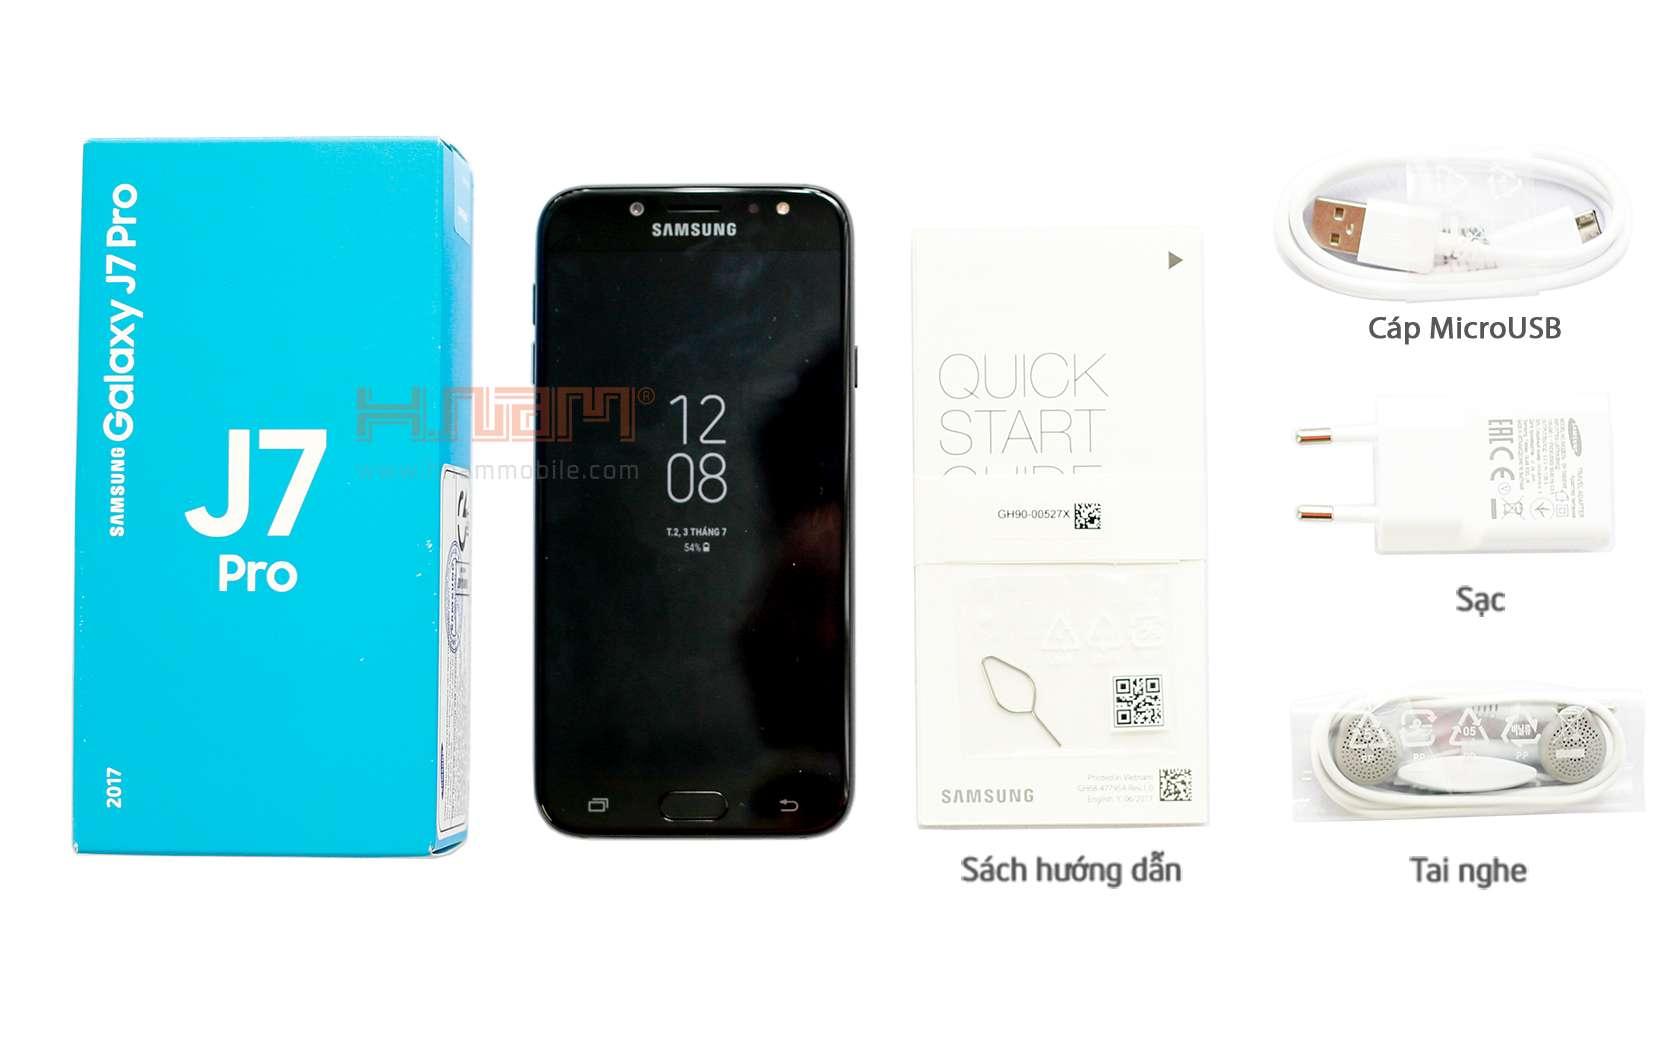 Hình ảnh tham khảo nguyên hộp phụ kiện Samsung Galaxy J7 Pro bao gồm: